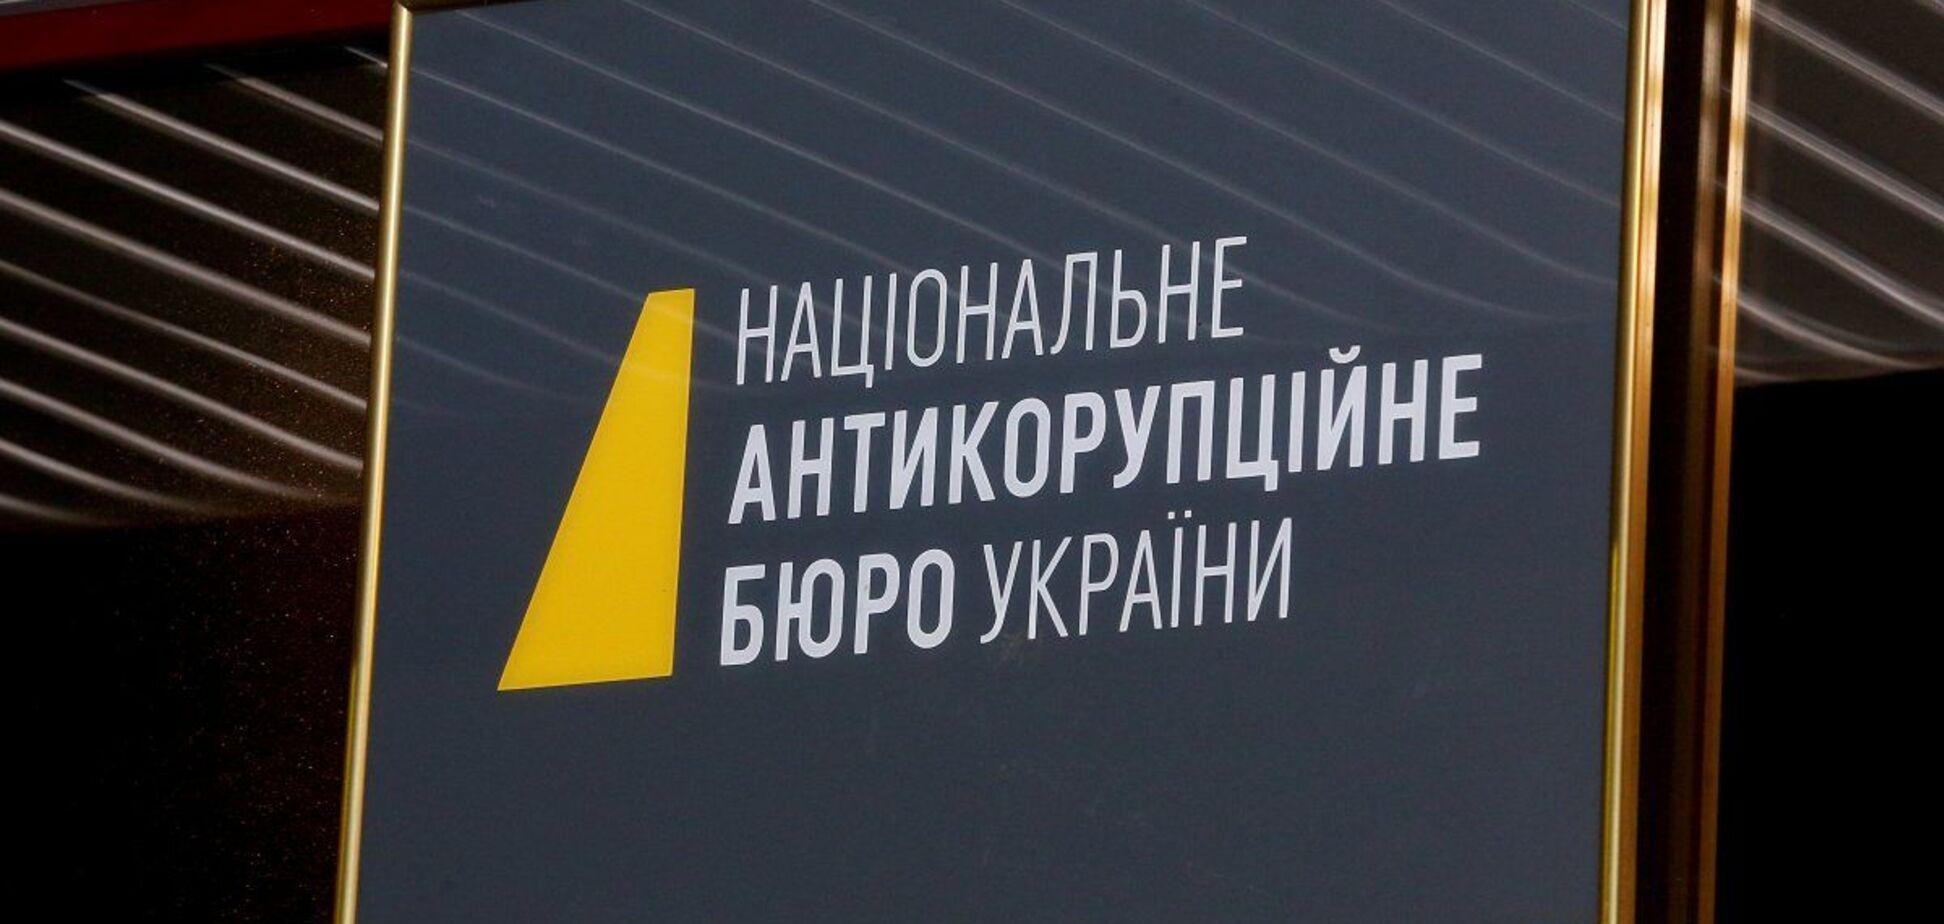 Директор НАБУ Артем Сытник фигурирует в резонансных делах